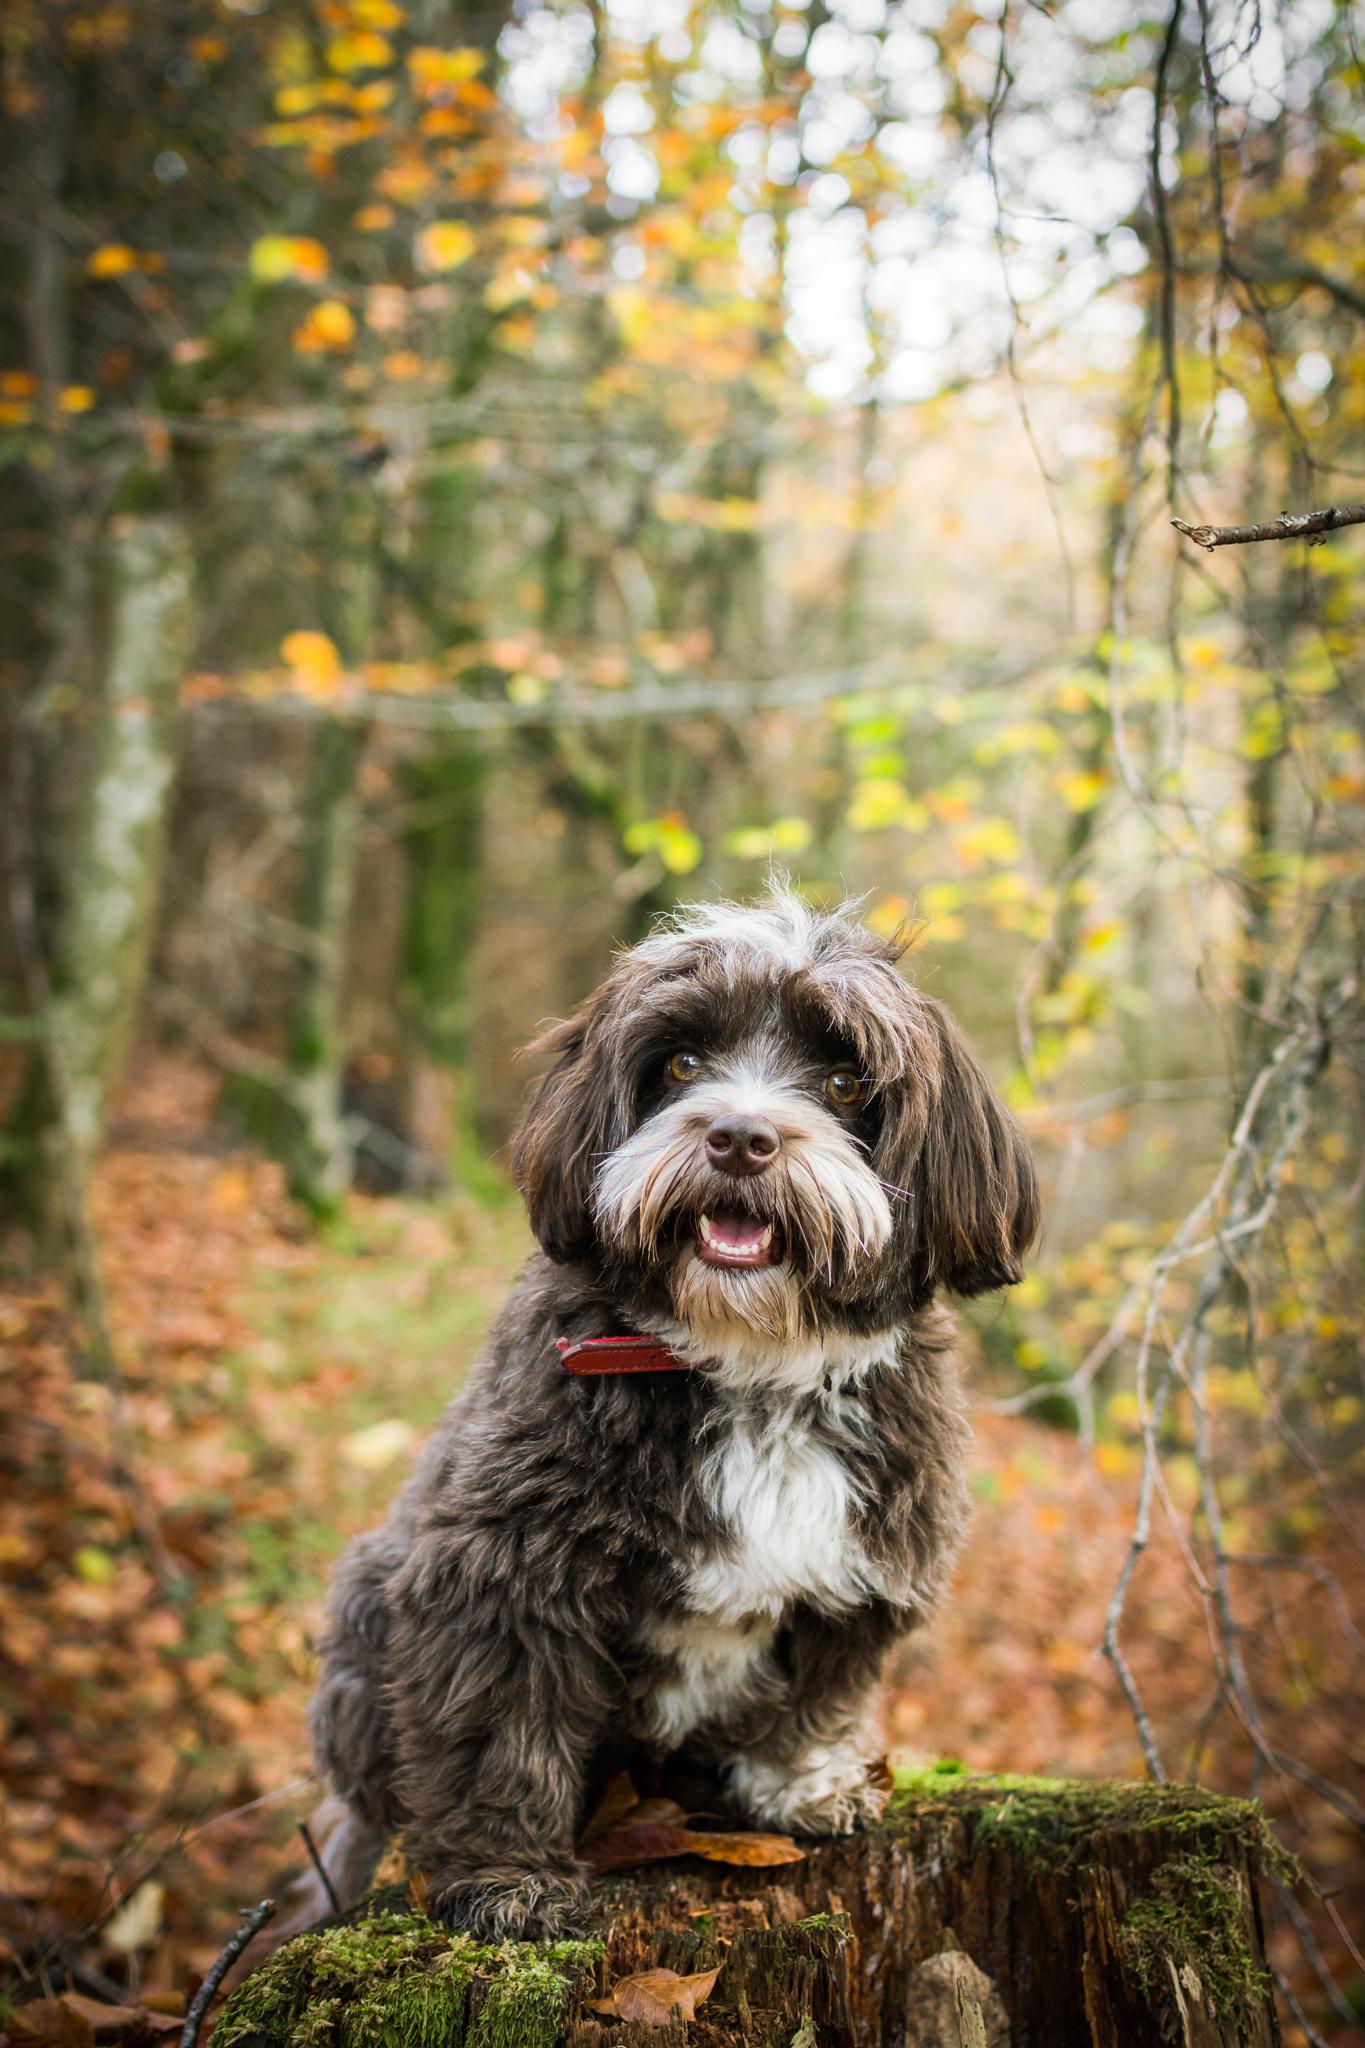 Petit chien dans la forêt sur un tronc d'arbre en automne